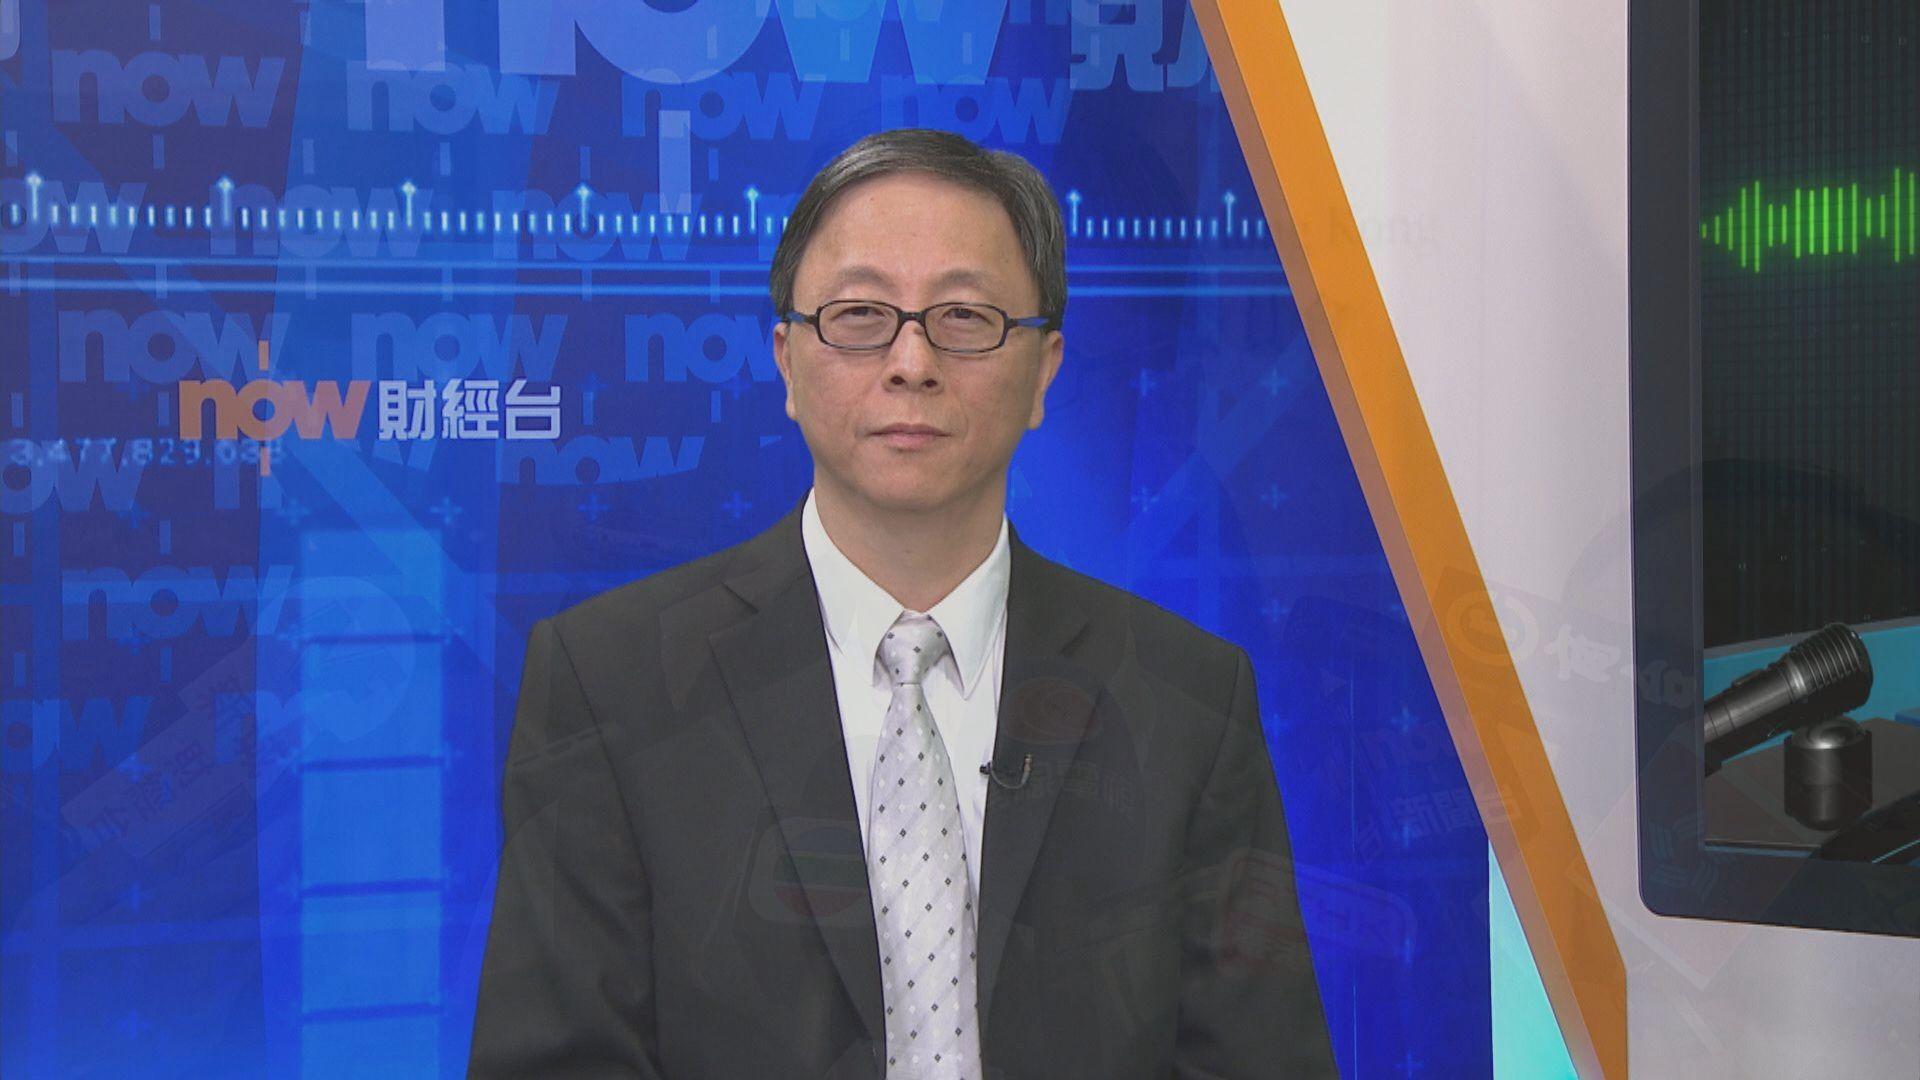 何栢良:確診大埔居民發病後數日才檢測 或已散播病毒